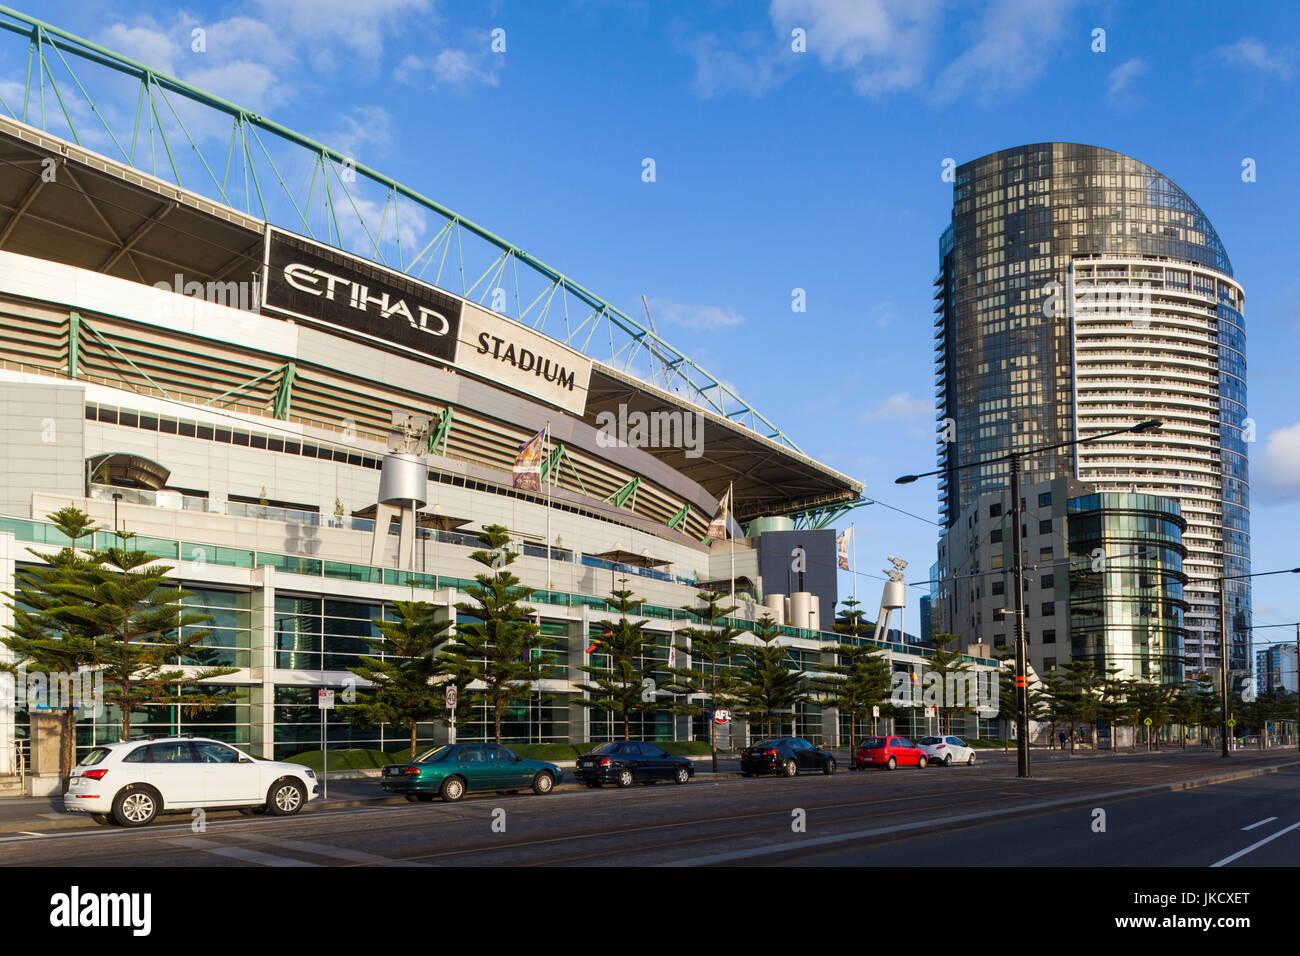 Australia, Victoria, VIC, Melbourne Docklands, Victoria Harbour, el puerto de la ciudad compleja, Etihad Stadium Imagen De Stock